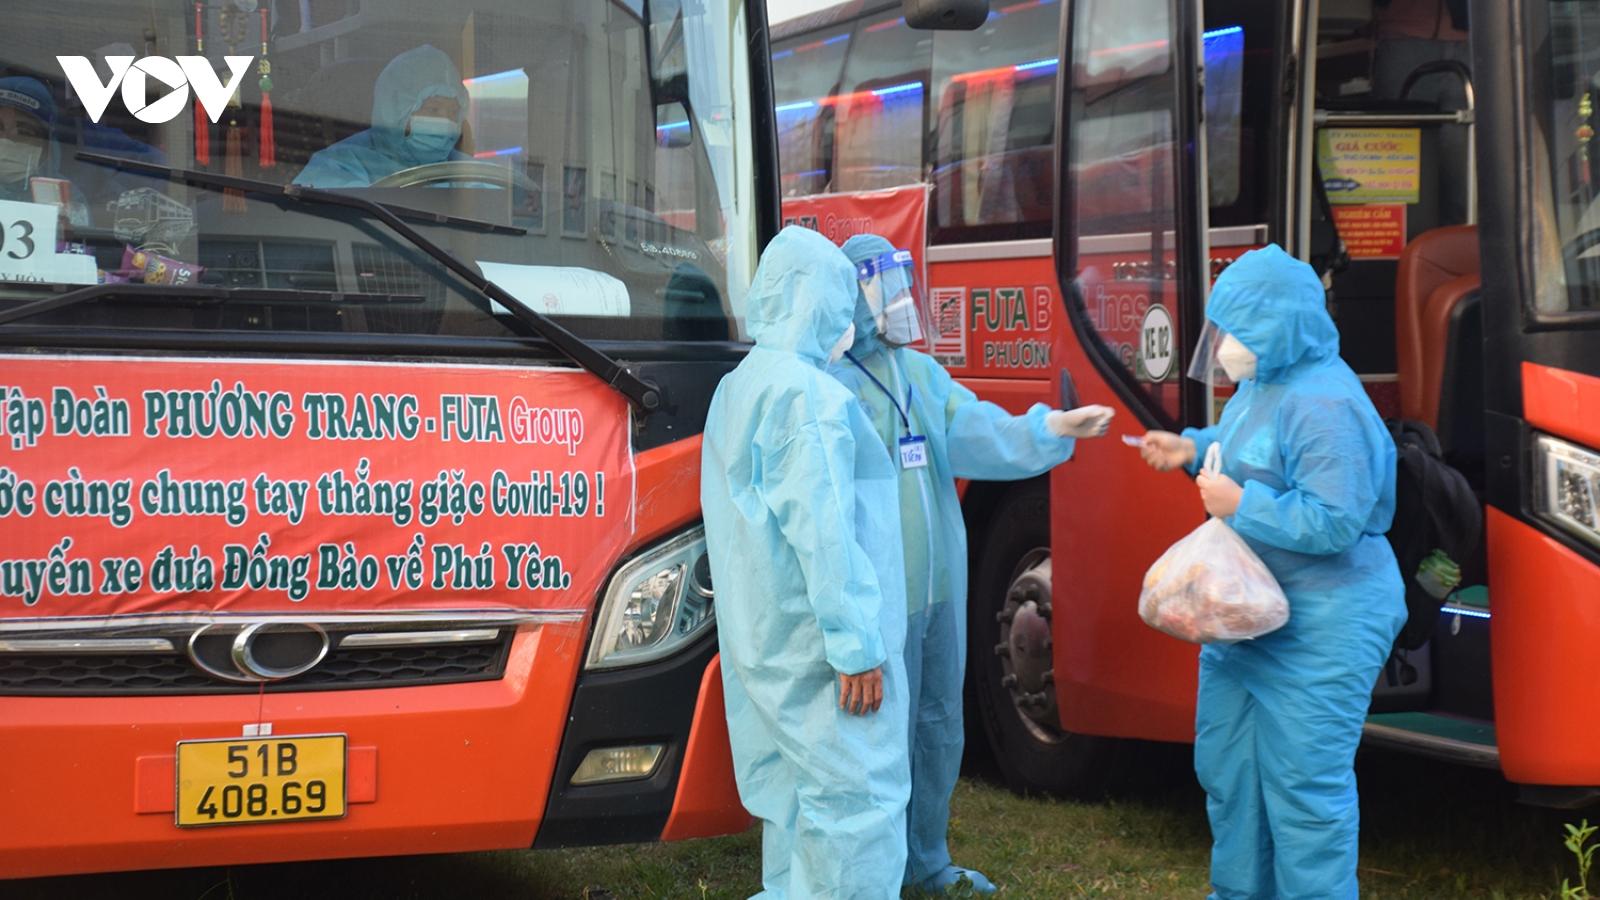 Phú Yên sẽ đón công dântừ tỉnh Bình Dương, Đồng Nai về quê